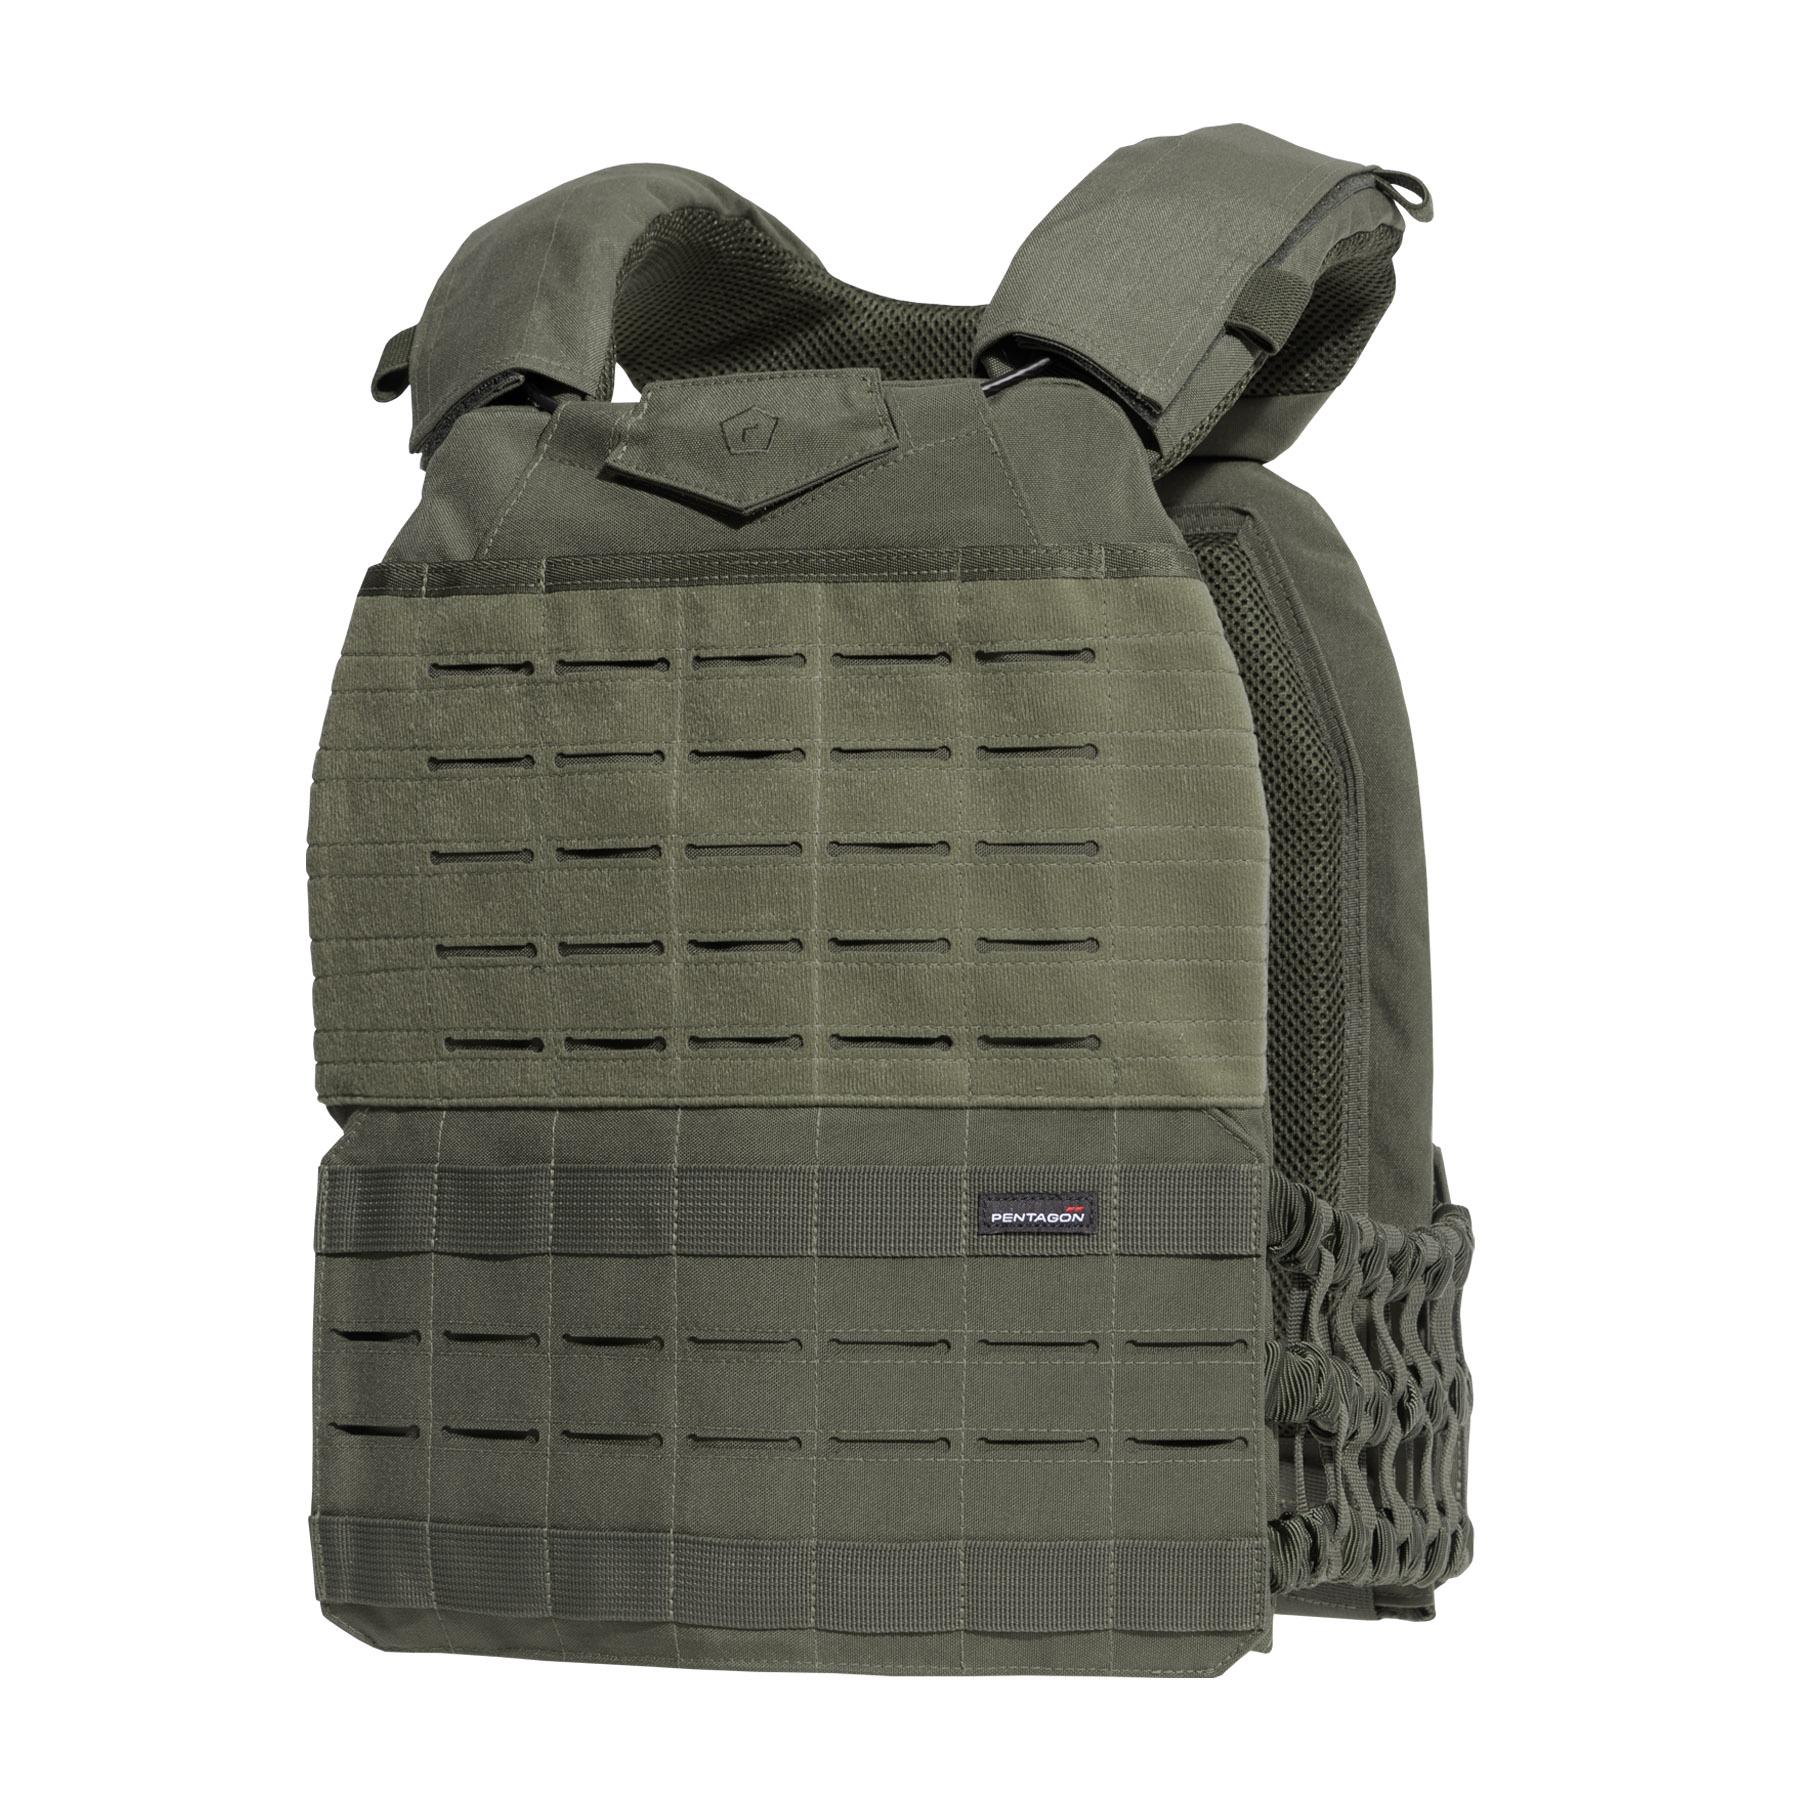 milon-vest-1589-1800×1800